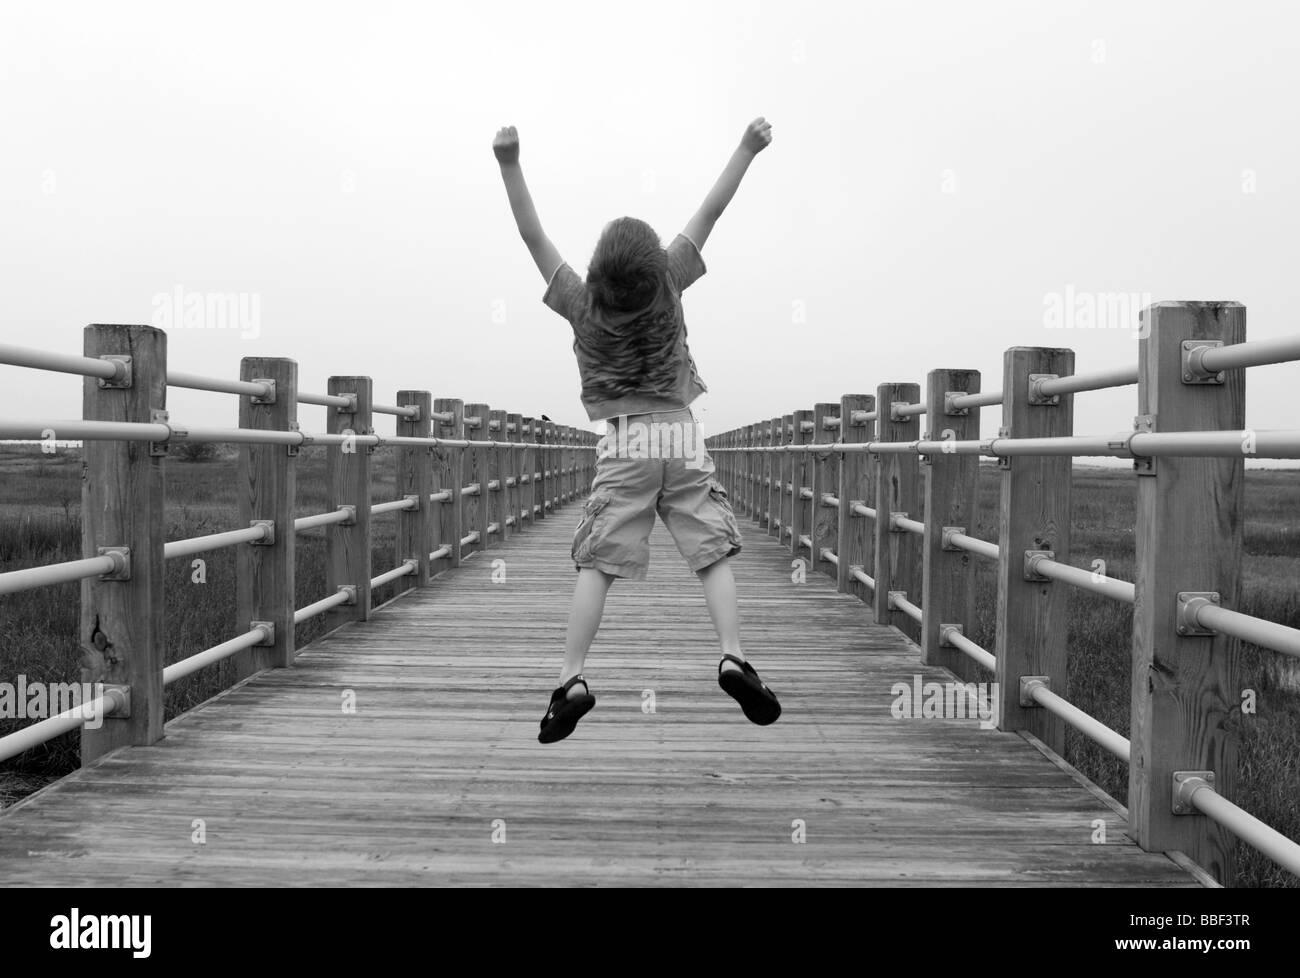 Ich Kind springt vor Freude über eine Strandpromenade in Milford Connecticut USA Stockbild